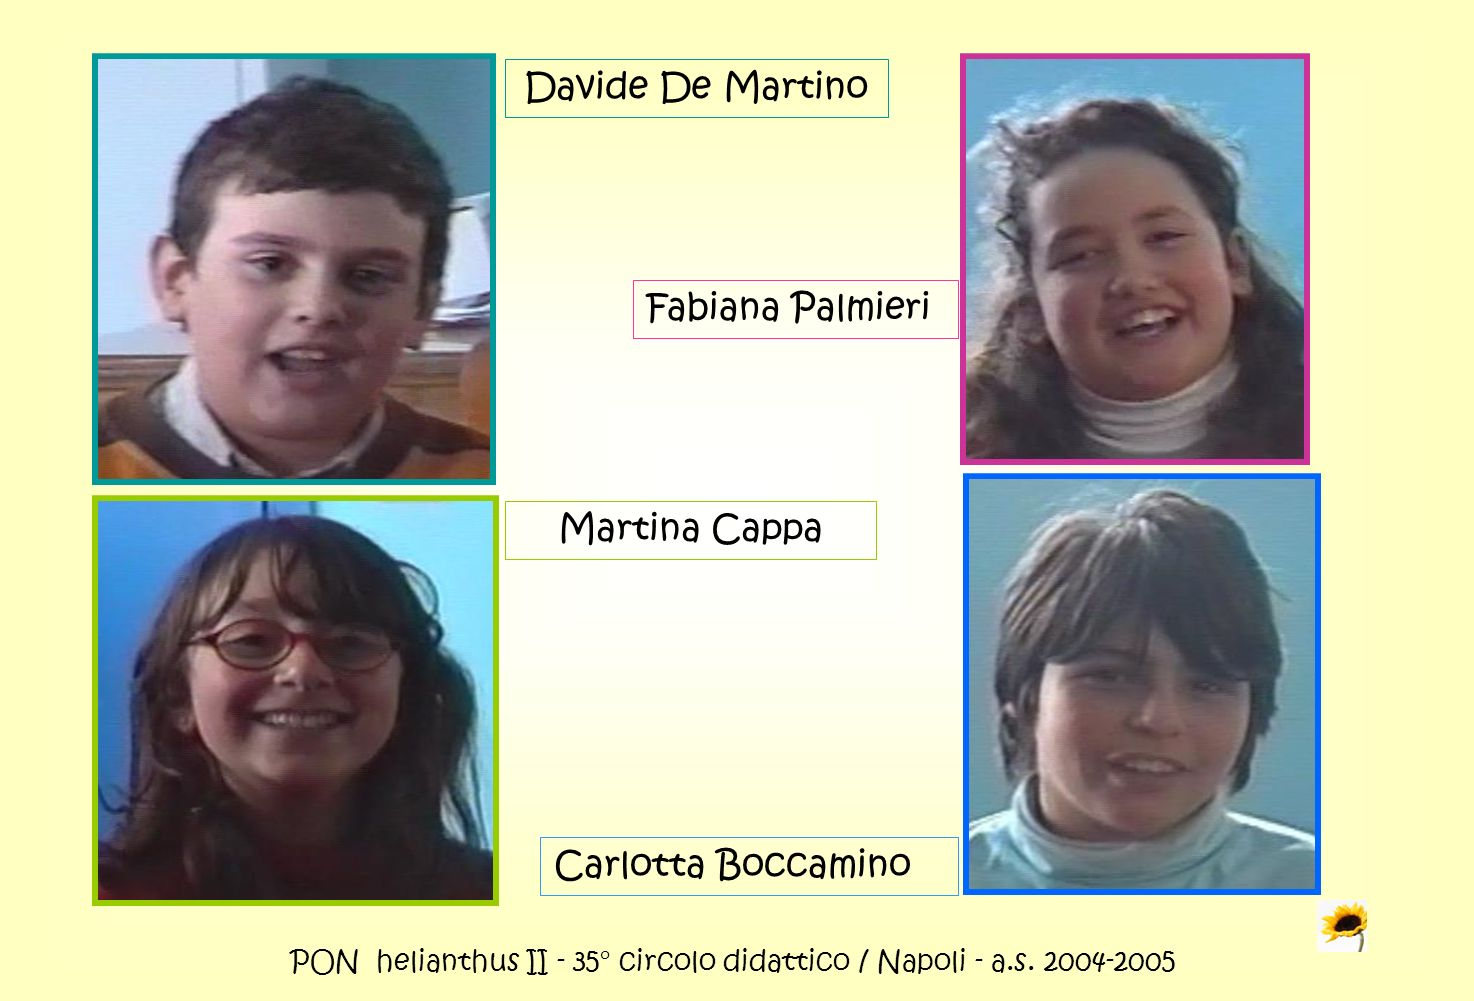 PON helianthus II - 35° circolo didattico / Napoli - a.s. 2004-2005 Davide De Martino Fabiana Palmieri Martina Cappa Carlotta Boccamino